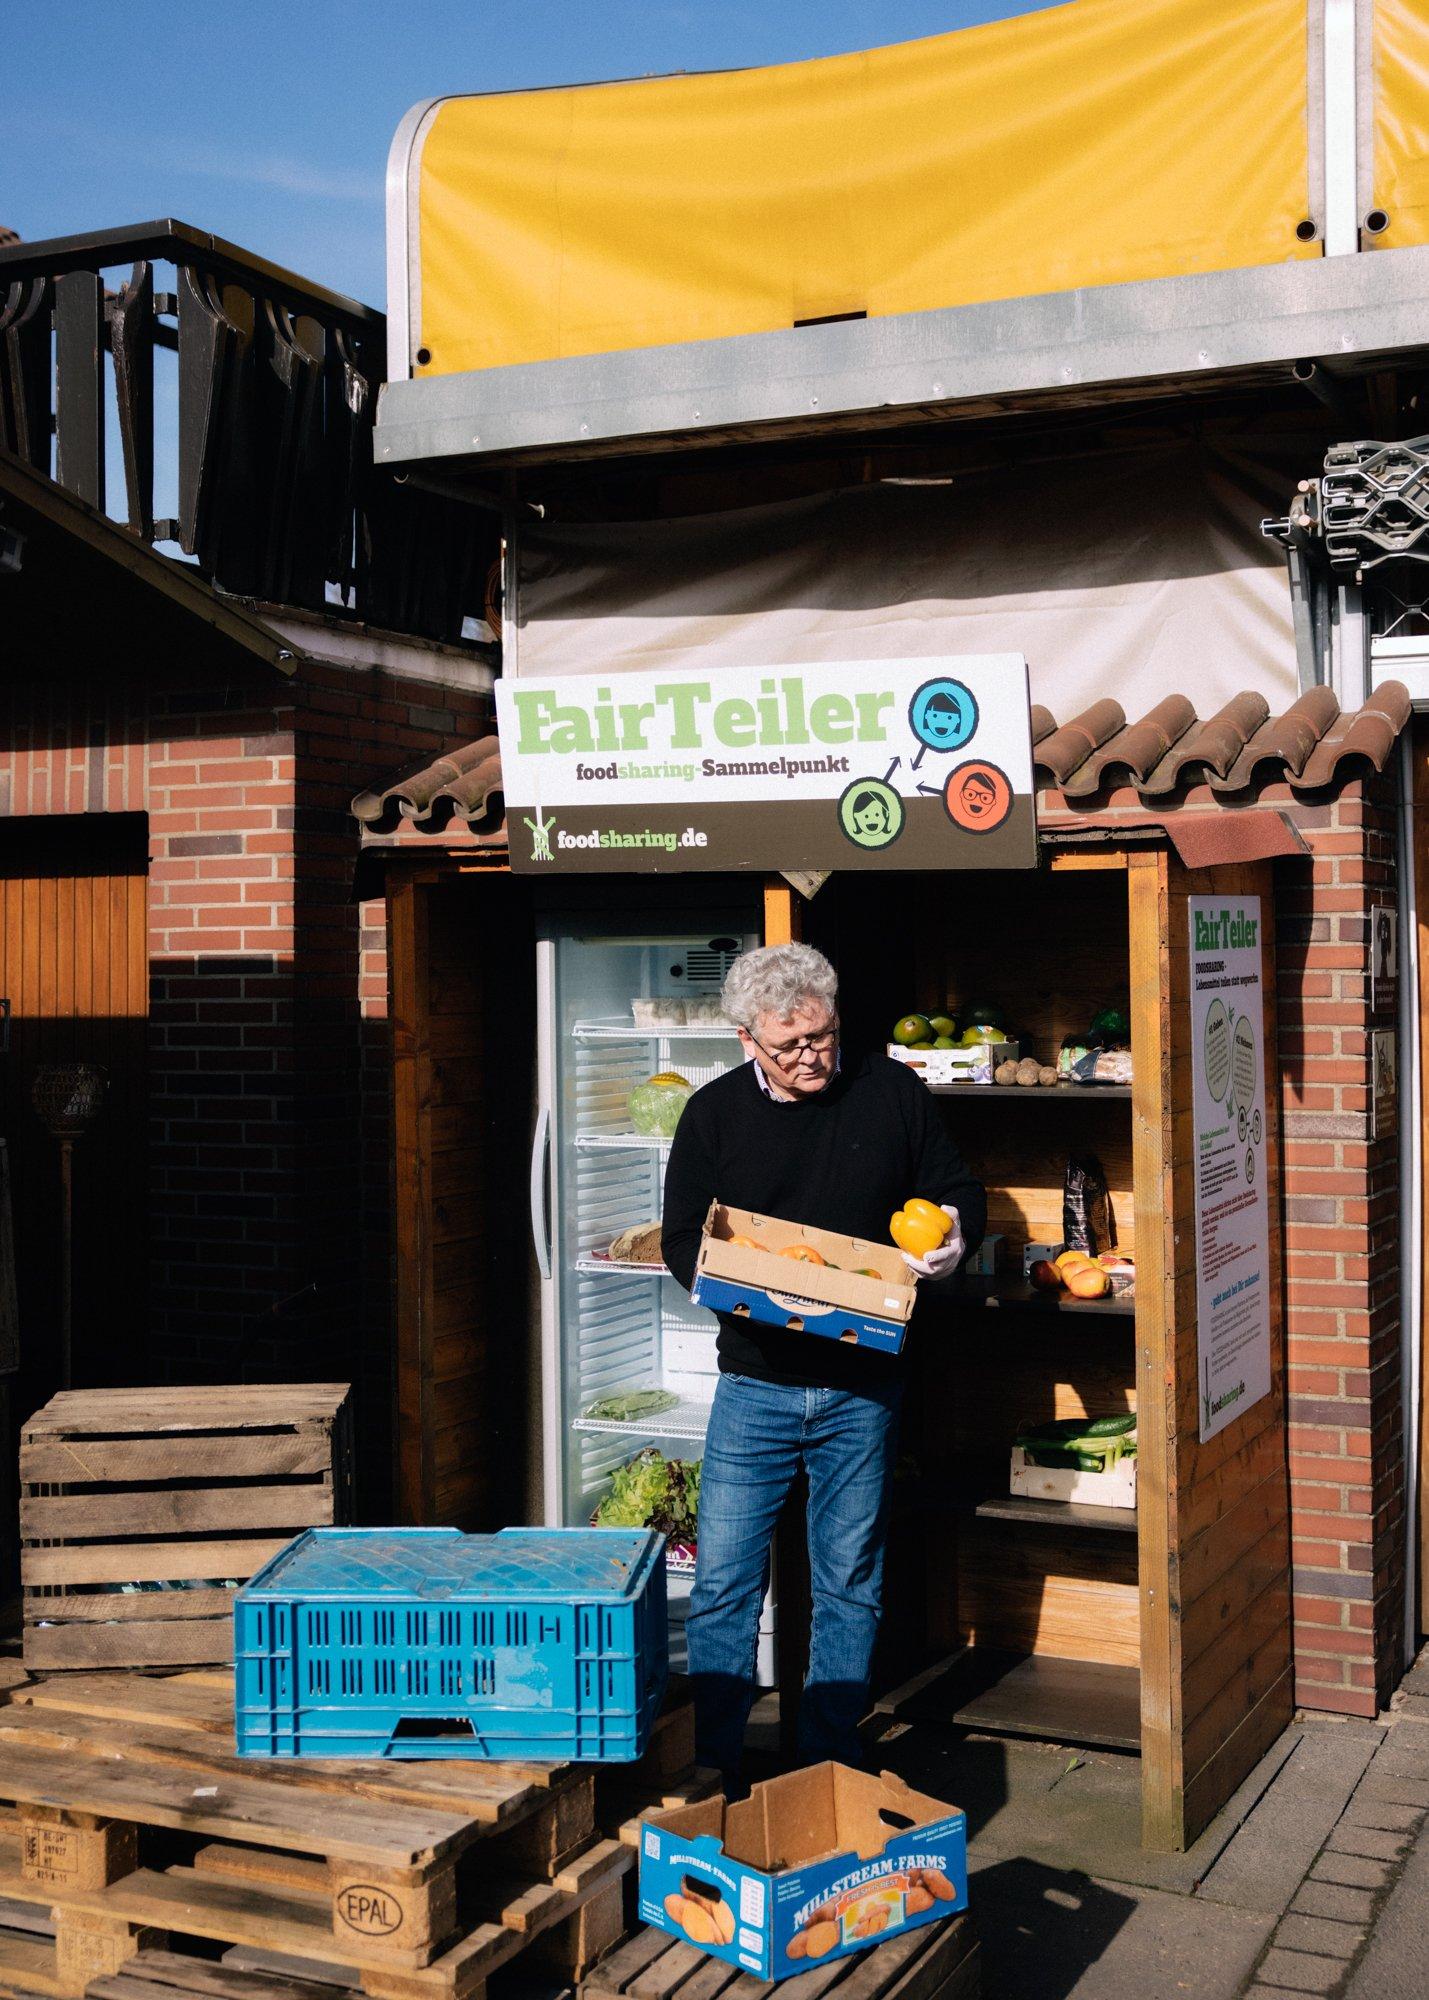 <p>ESSEN FÜR ALLEFrank Bowinkelmann vom Verein Foodsharing vor einer Verteilstation für überschüssige Lebensmittel. Freiwillige holen das Essen von Supermärkten, Restaurants oder auch privaten Haushalten und stellen es kostenlos zur Verfügung</p>